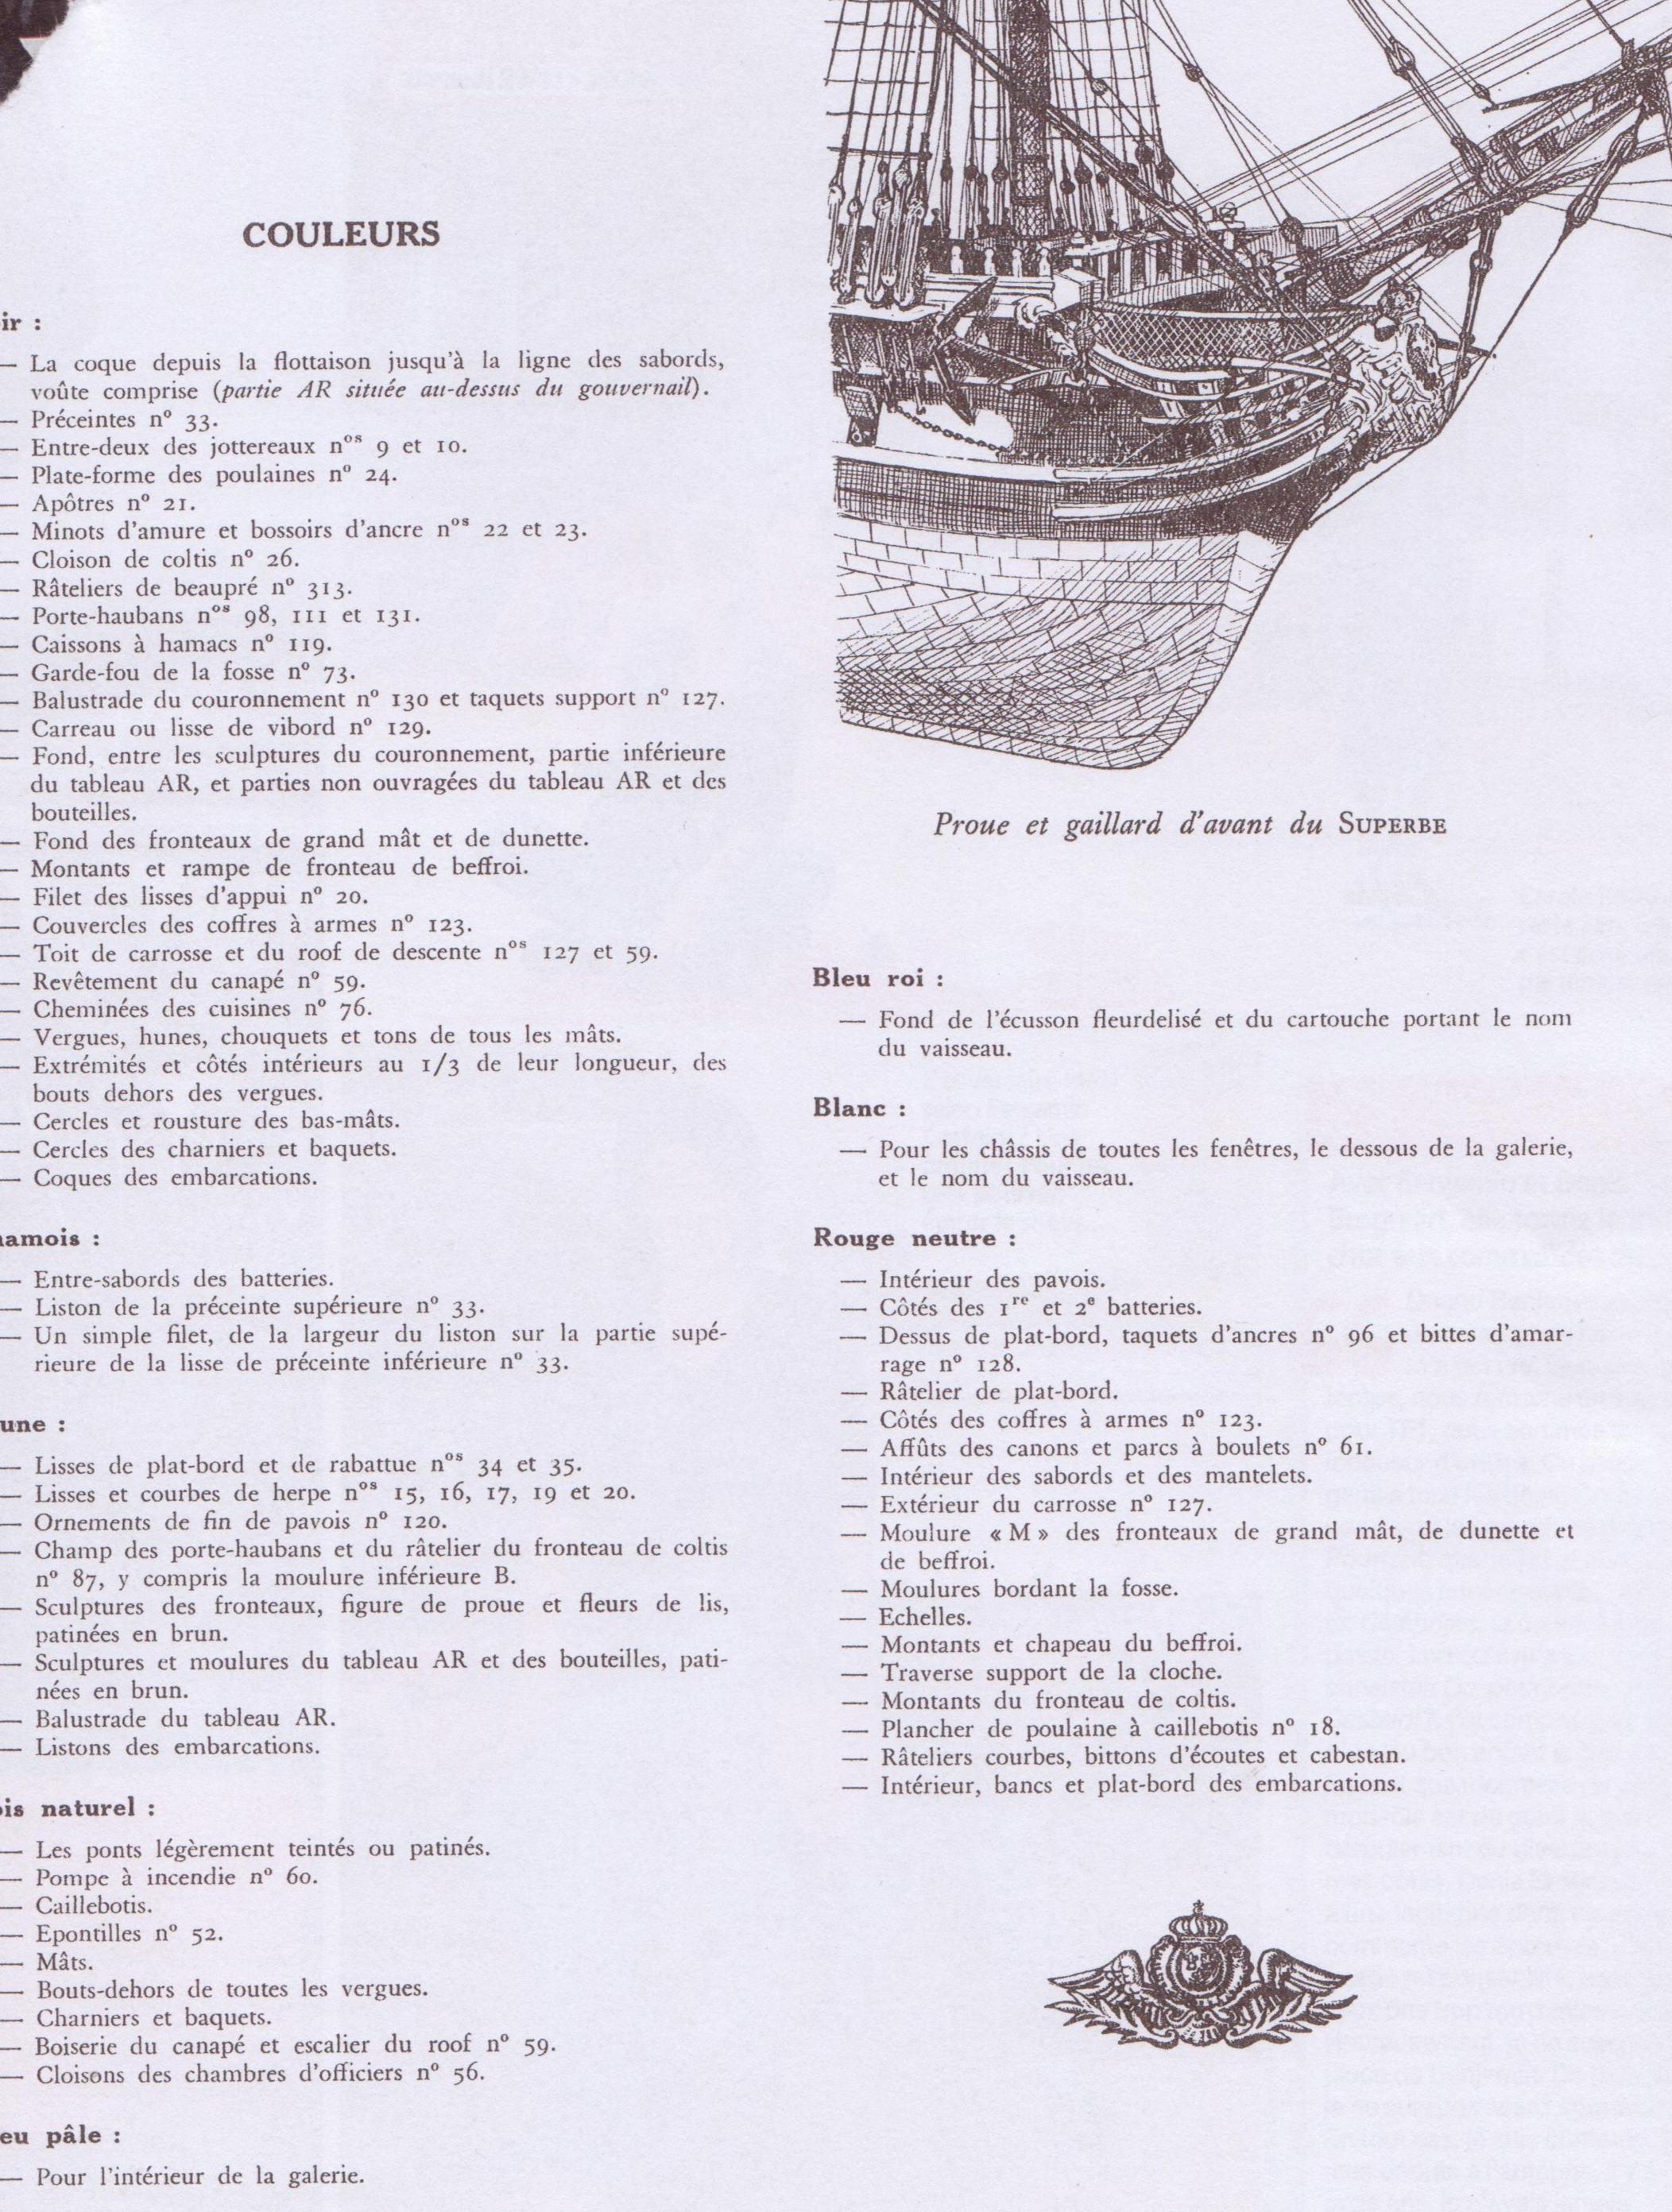 pirates sur pont de navire (peinture du décor fini) - Page 3 001m